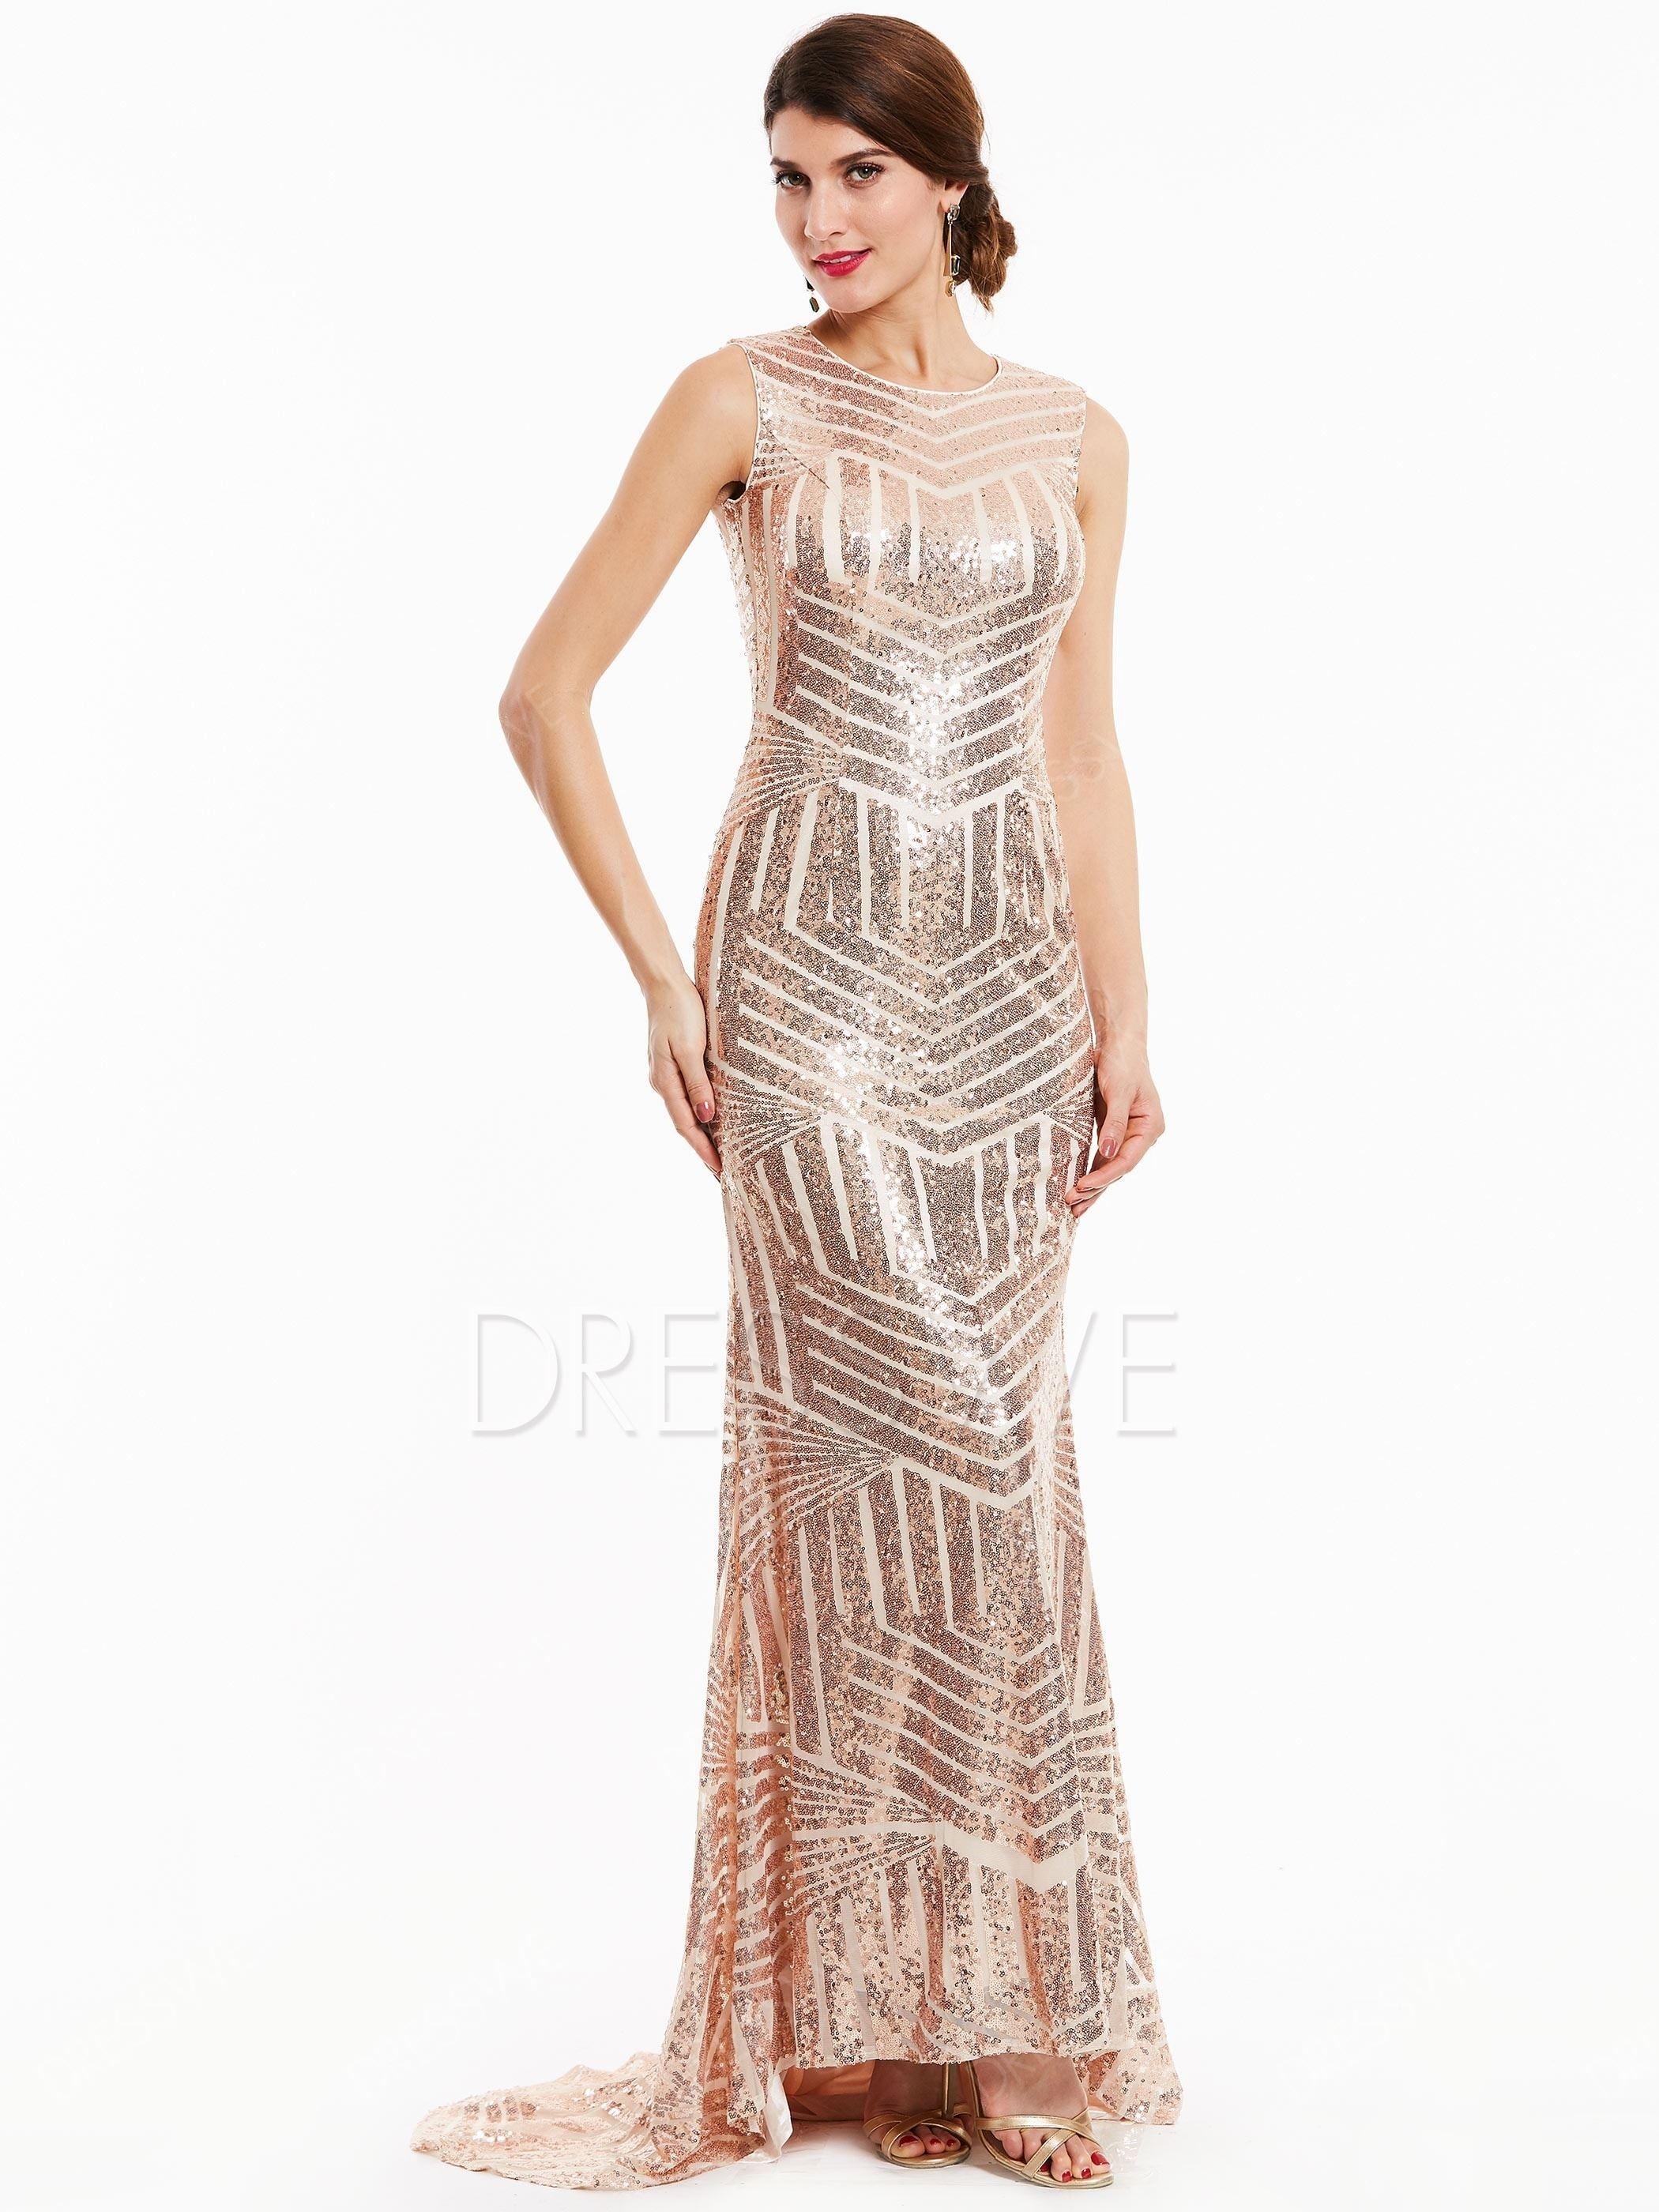 Einfach Rückenfreie Abendkleider StylishFormal Ausgezeichnet Rückenfreie Abendkleider Design